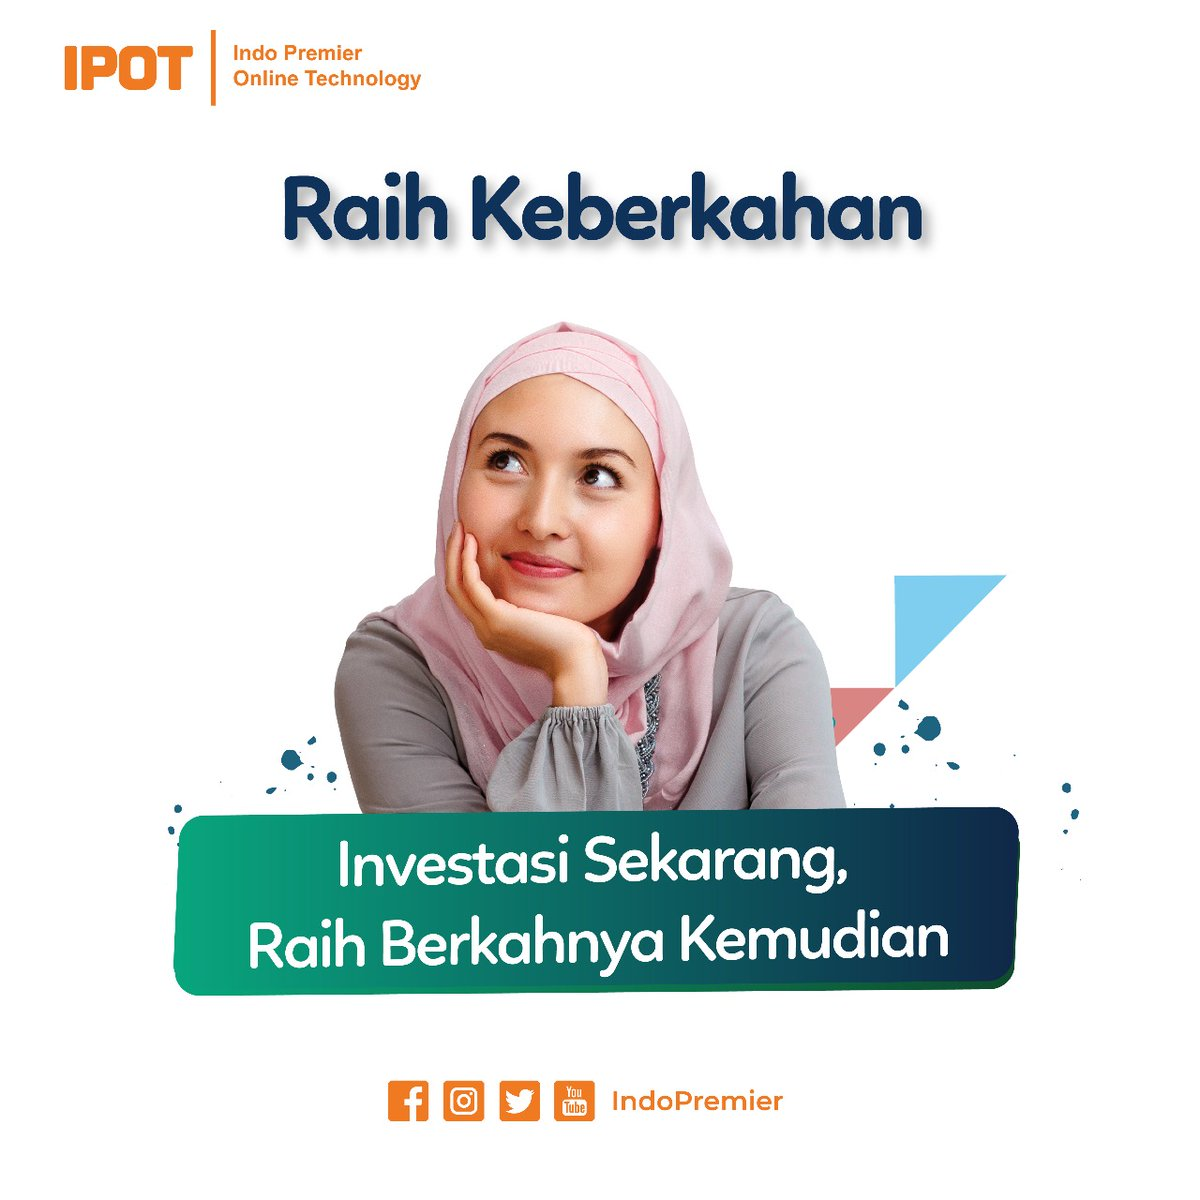 SOTS Potensial, Indo Premier (IPOT) Optimis Pertumbuhan Investor Syariah Bakal Berkah